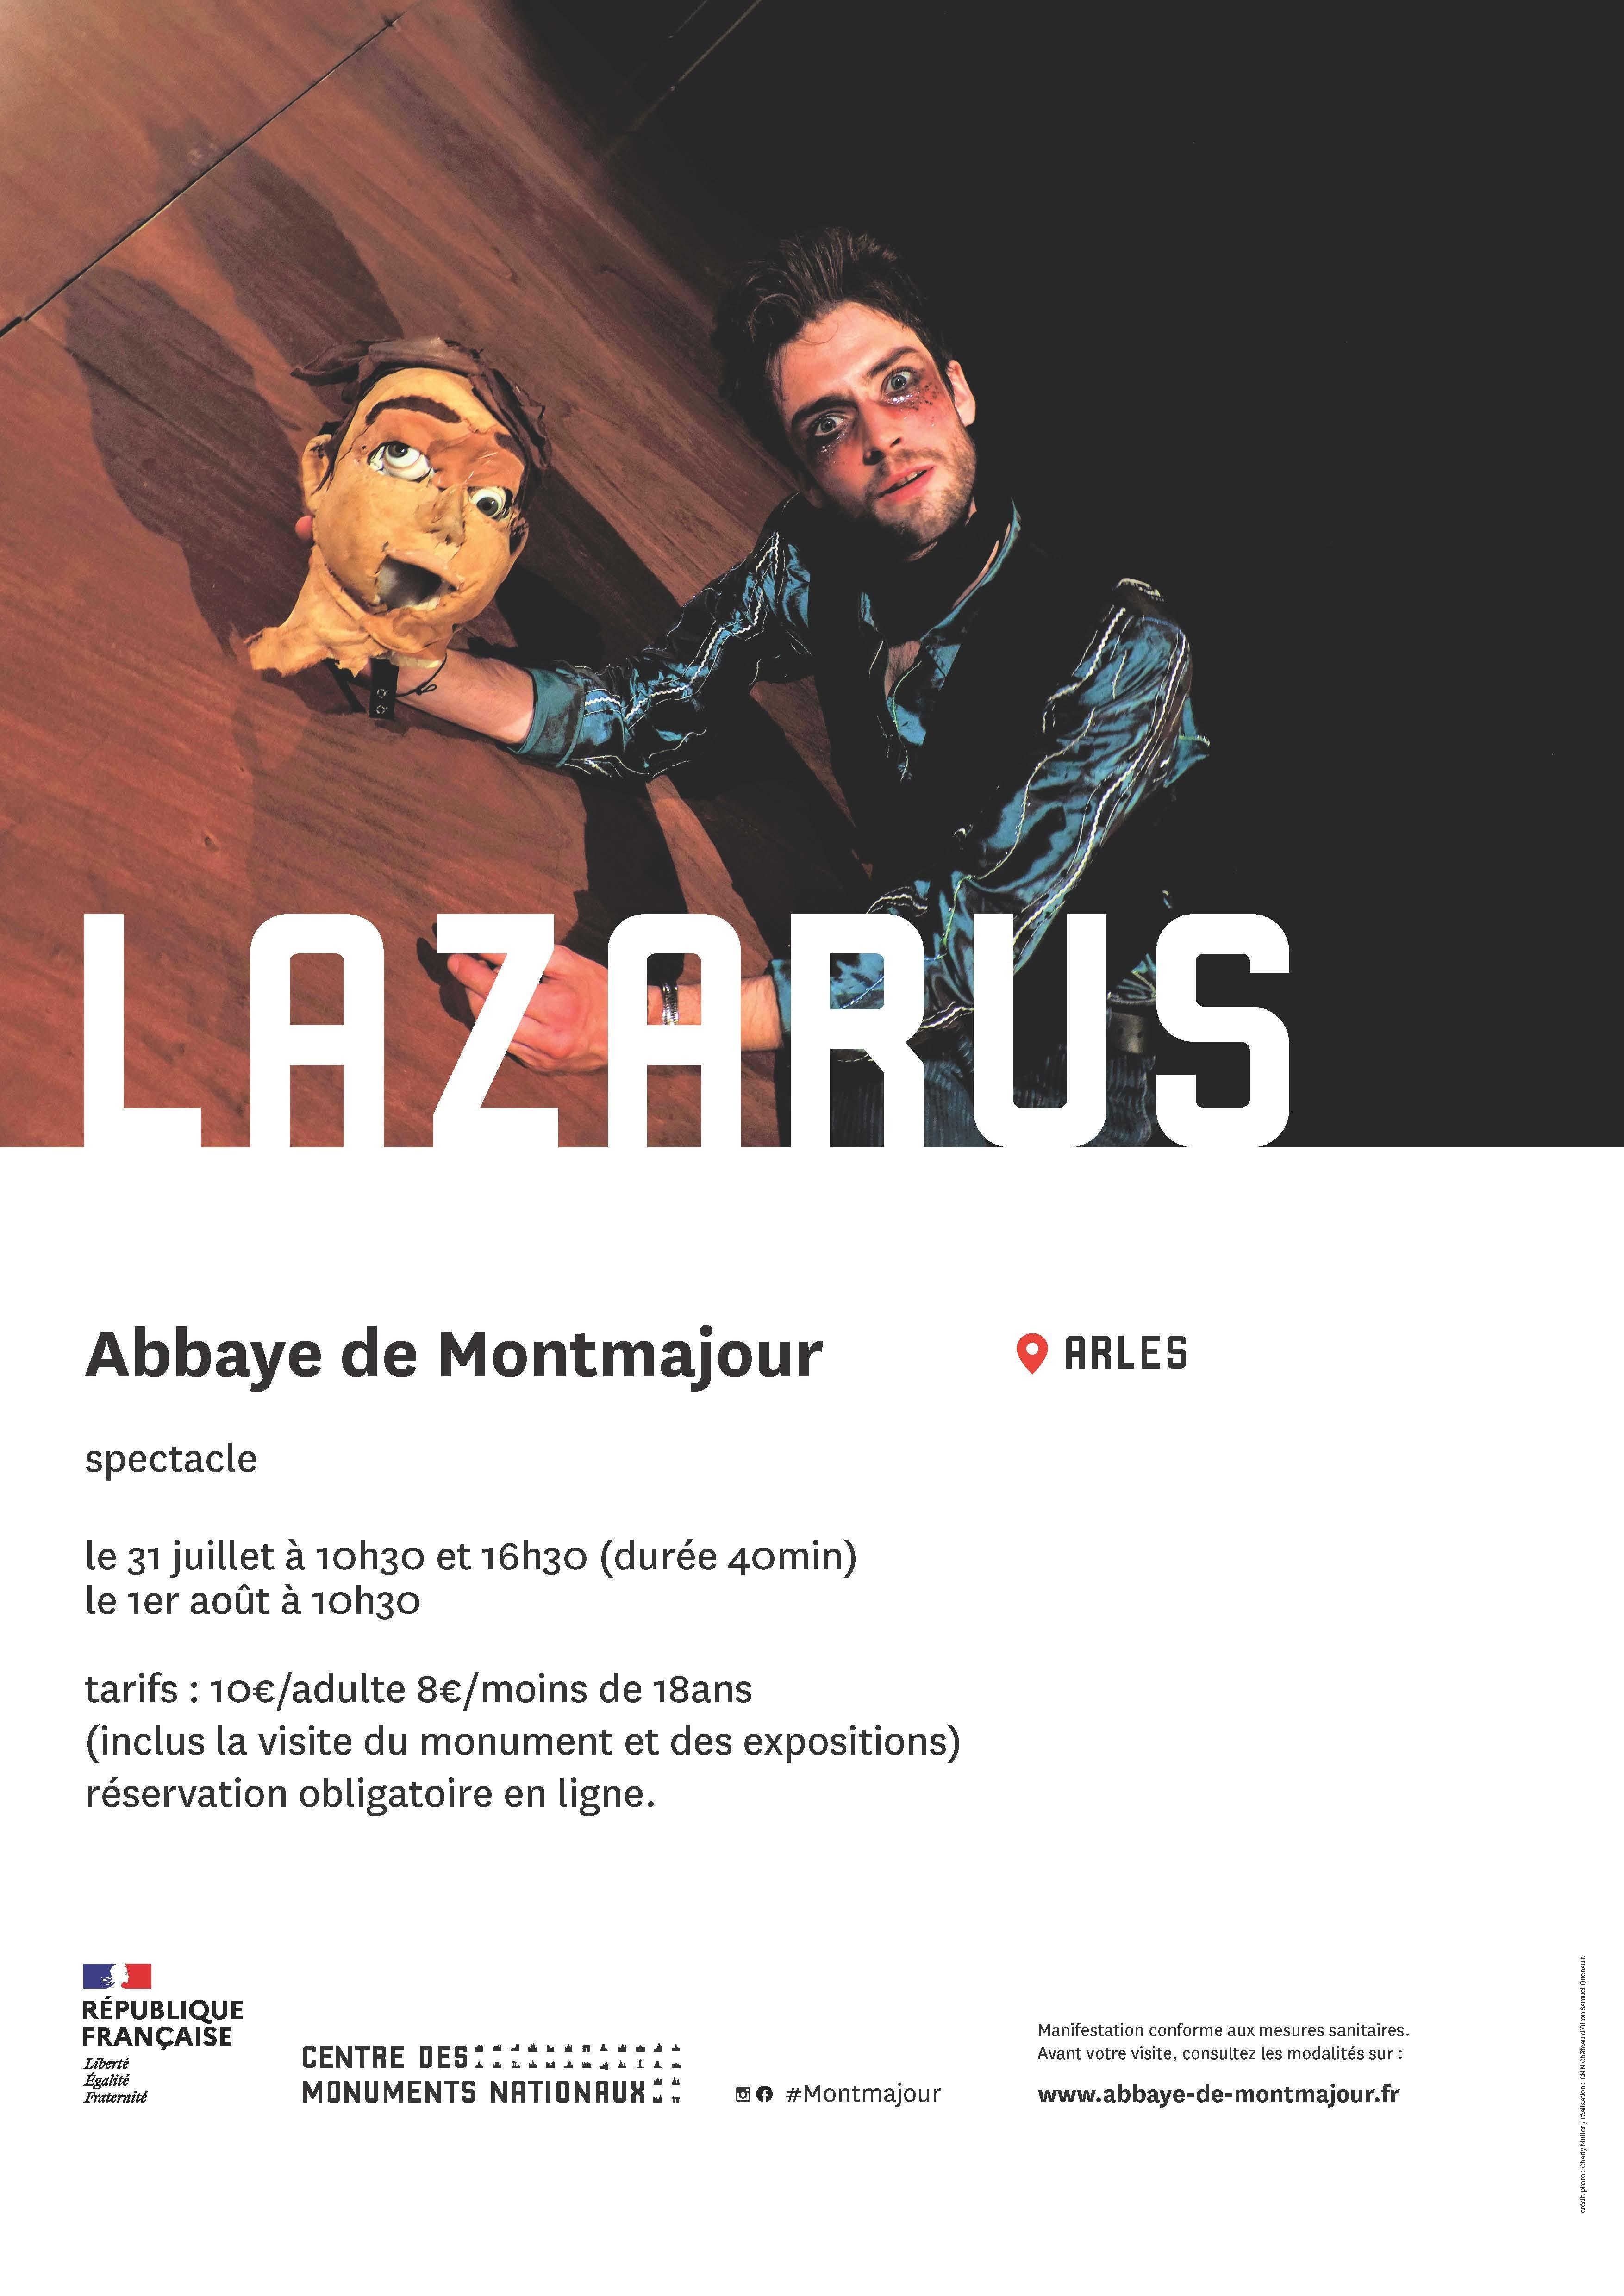 Les 31 juillet et 1er aout, l'abbaye de Montmajour vous invite à venir assister au spectacle « Lazarus » de la compagnie les chevaliers d'industrie.